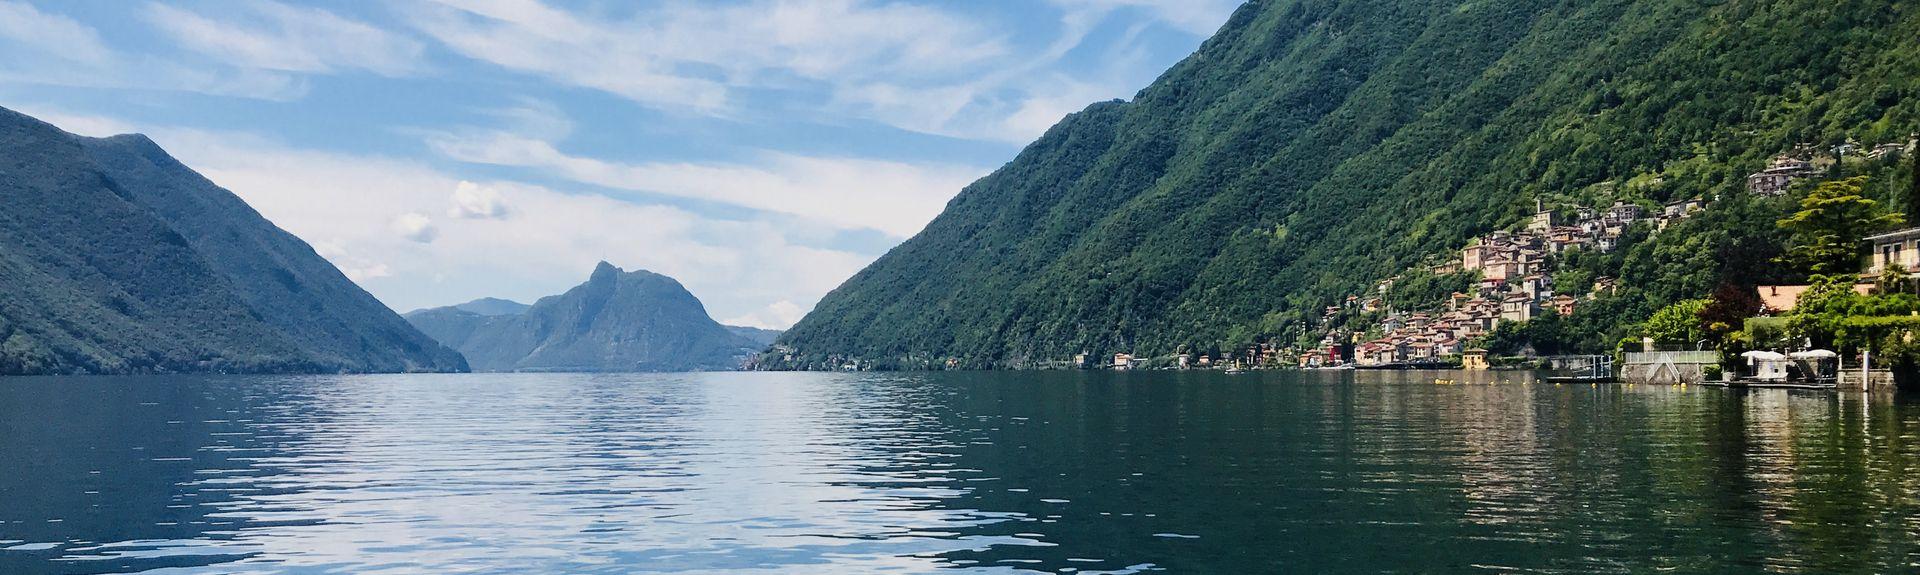 Gravedona, Como, Lombardy, Italy